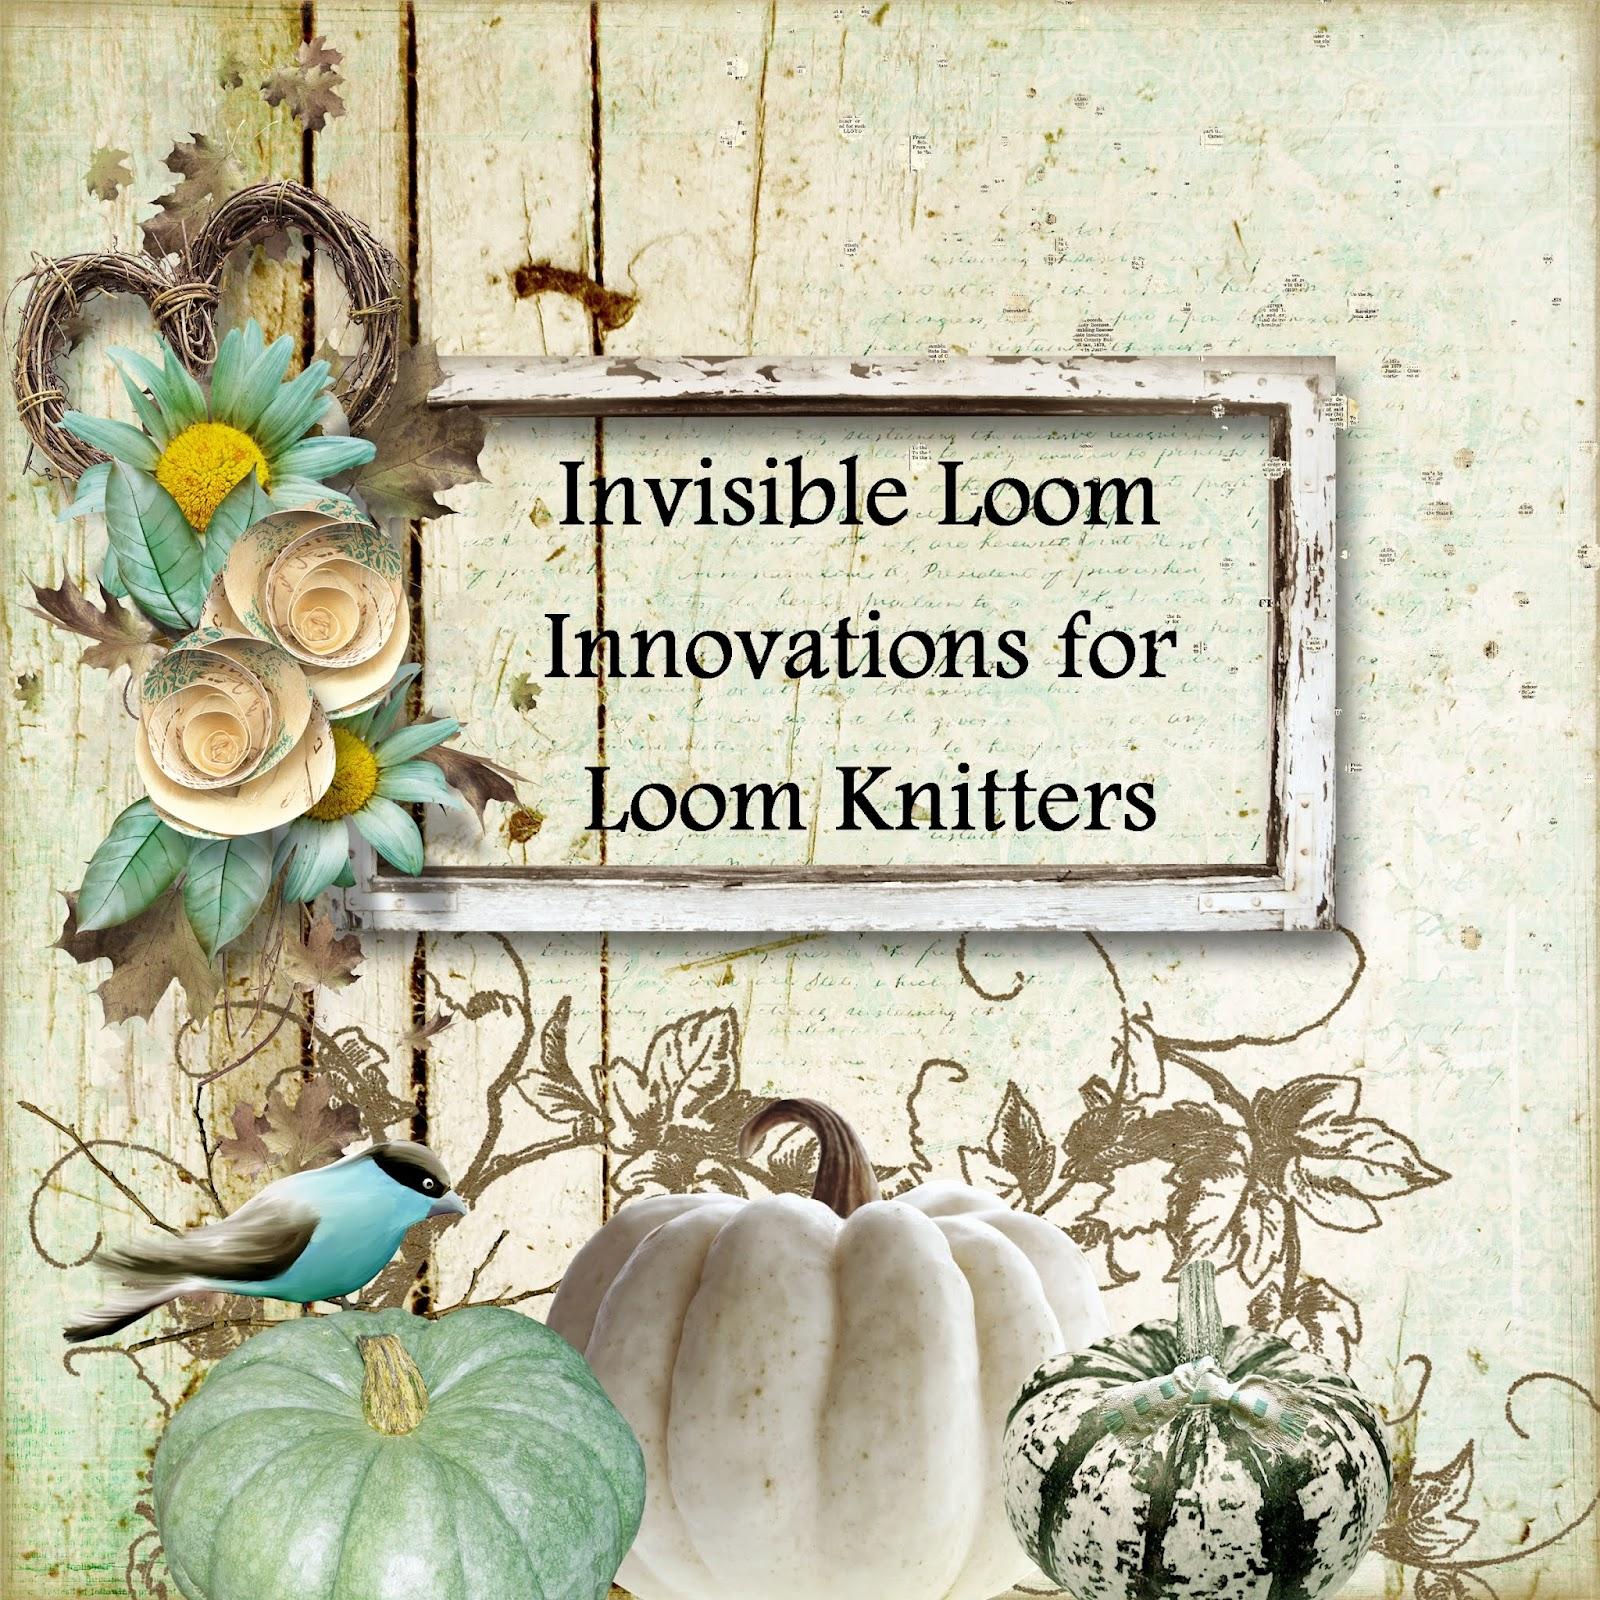 Renee Van Hoy Designs Innovative Patterns for Loom Knitters